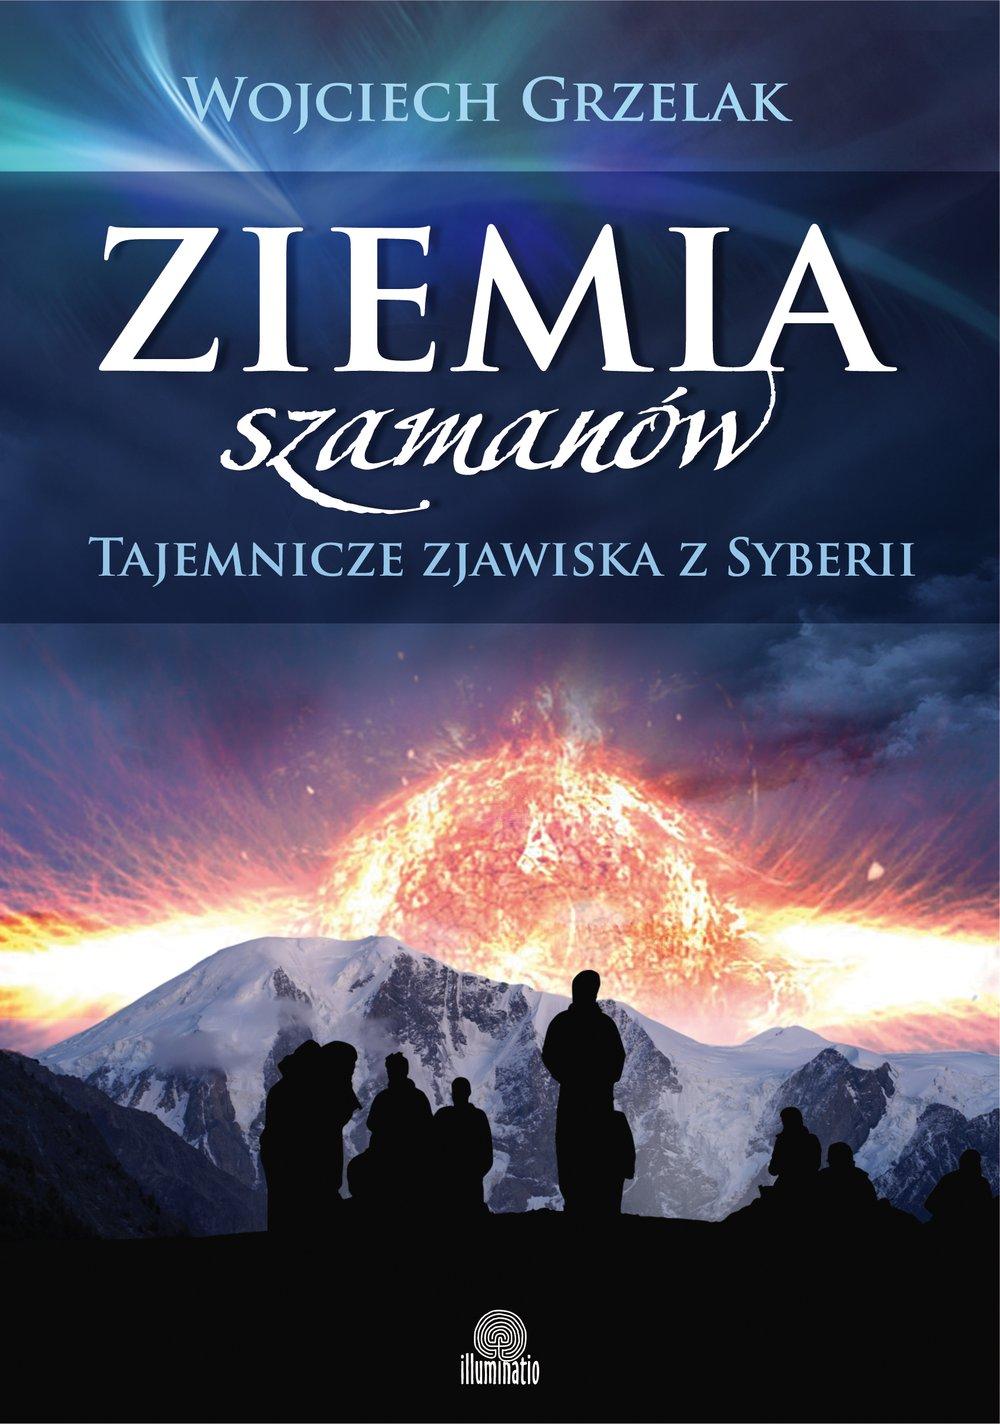 Ziemia szamanów. Tajemnicze zjawiska z Syberii - Ebook (Książka na Kindle) do pobrania w formacie MOBI